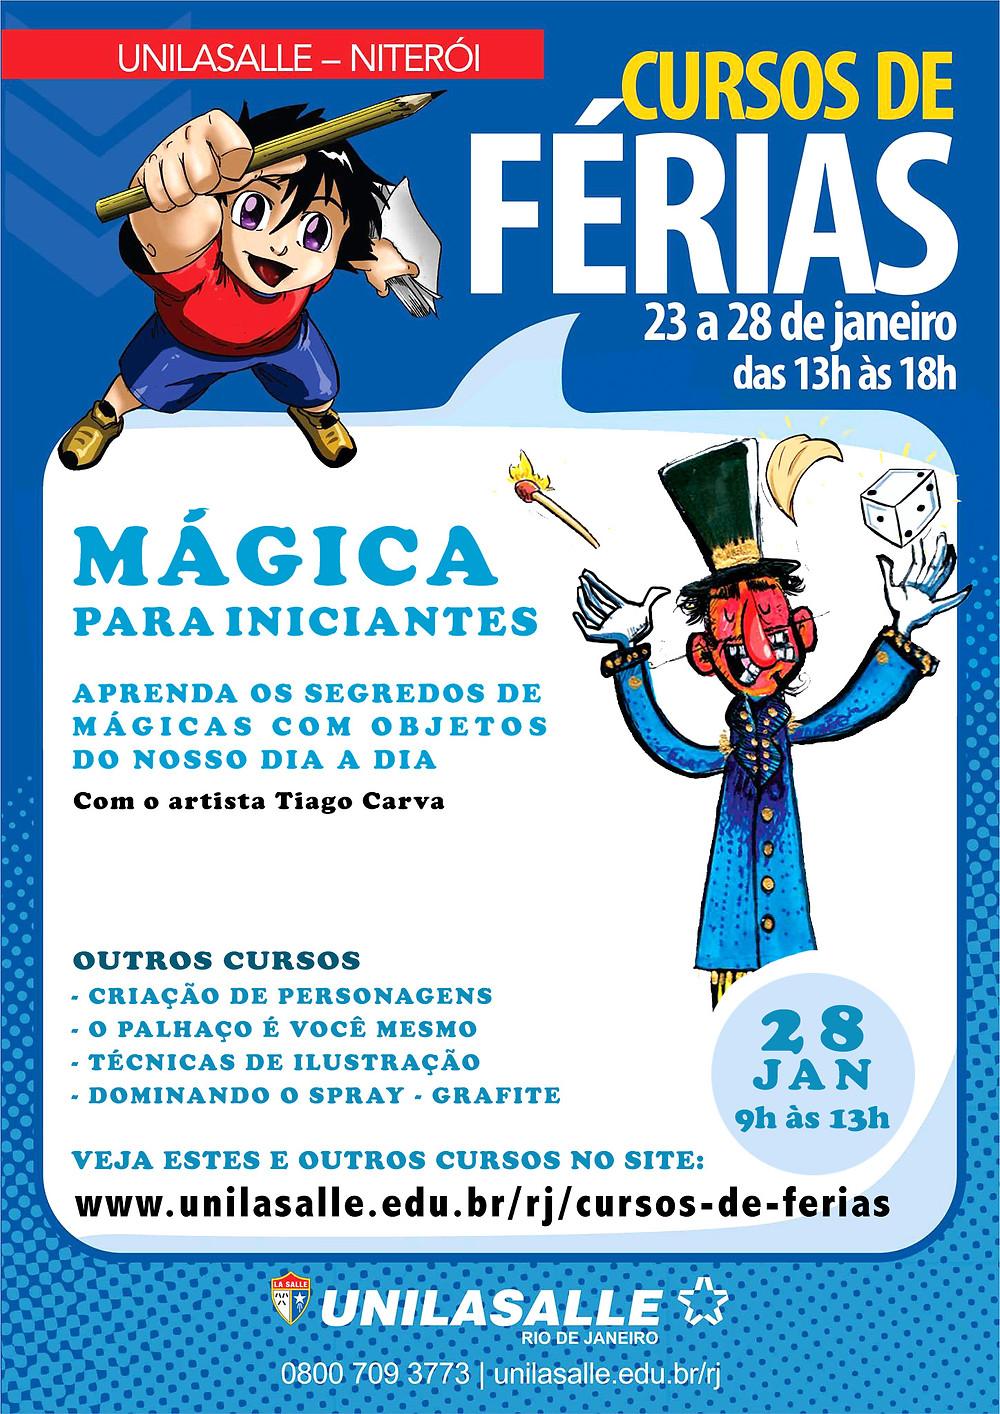 Curso de Férias 'Mágica para Iniciantes', com o multiartista Tiago Carva